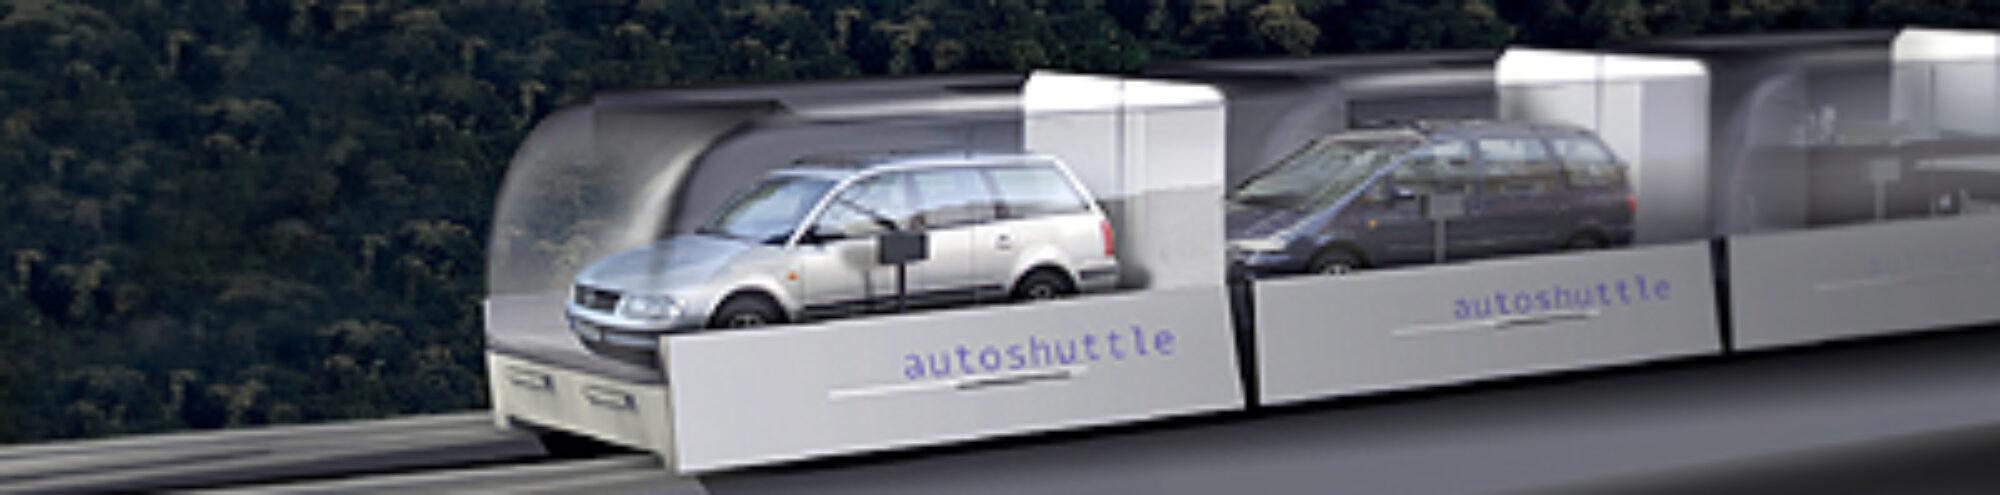 AUTOSHUTTLE